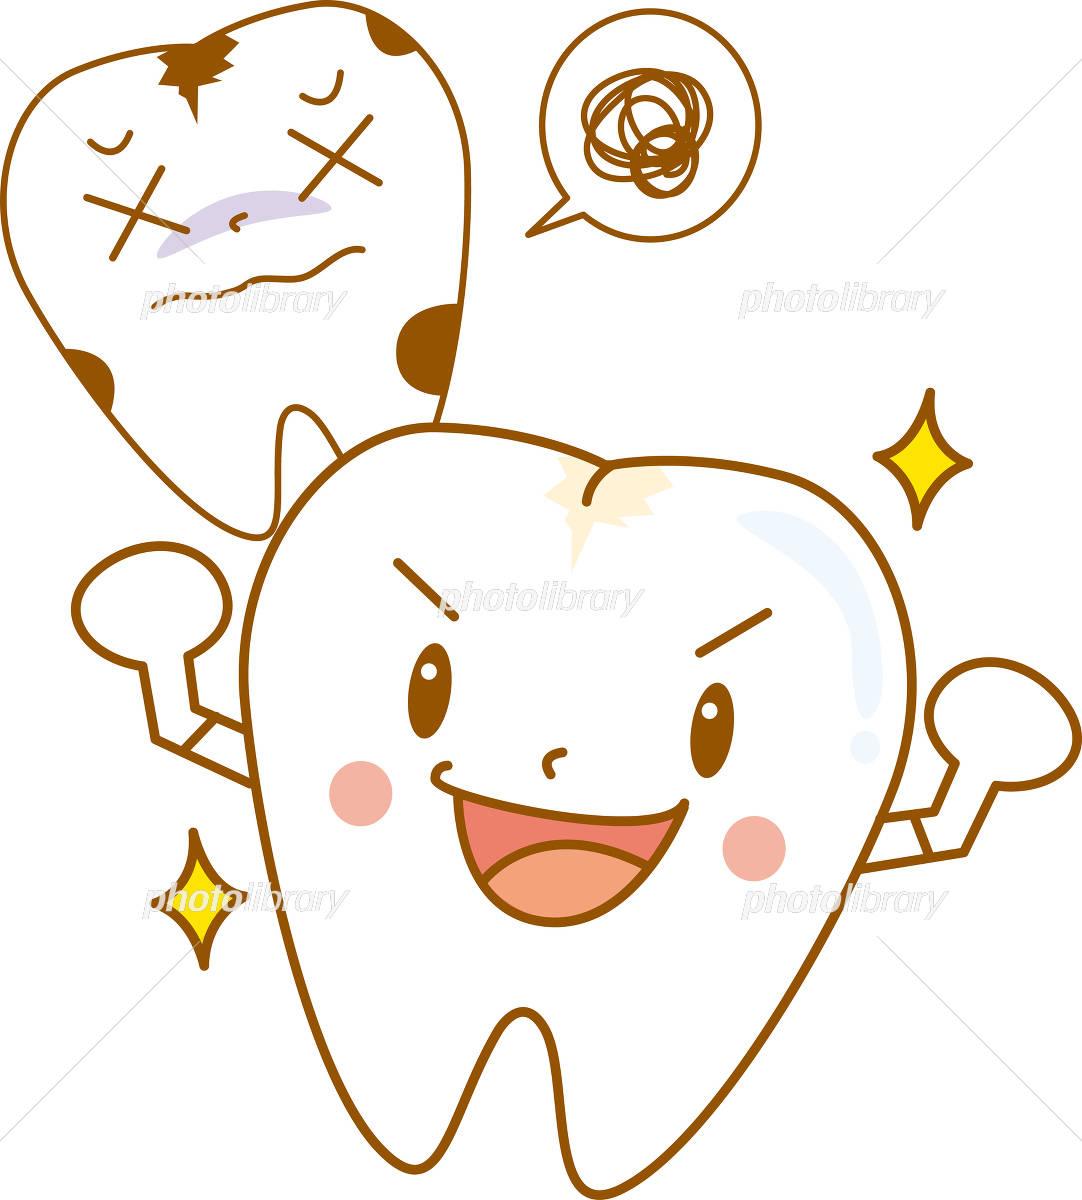 虫歯予防 イラスト イラスト素材 4364785 無料 フォトライブラリー